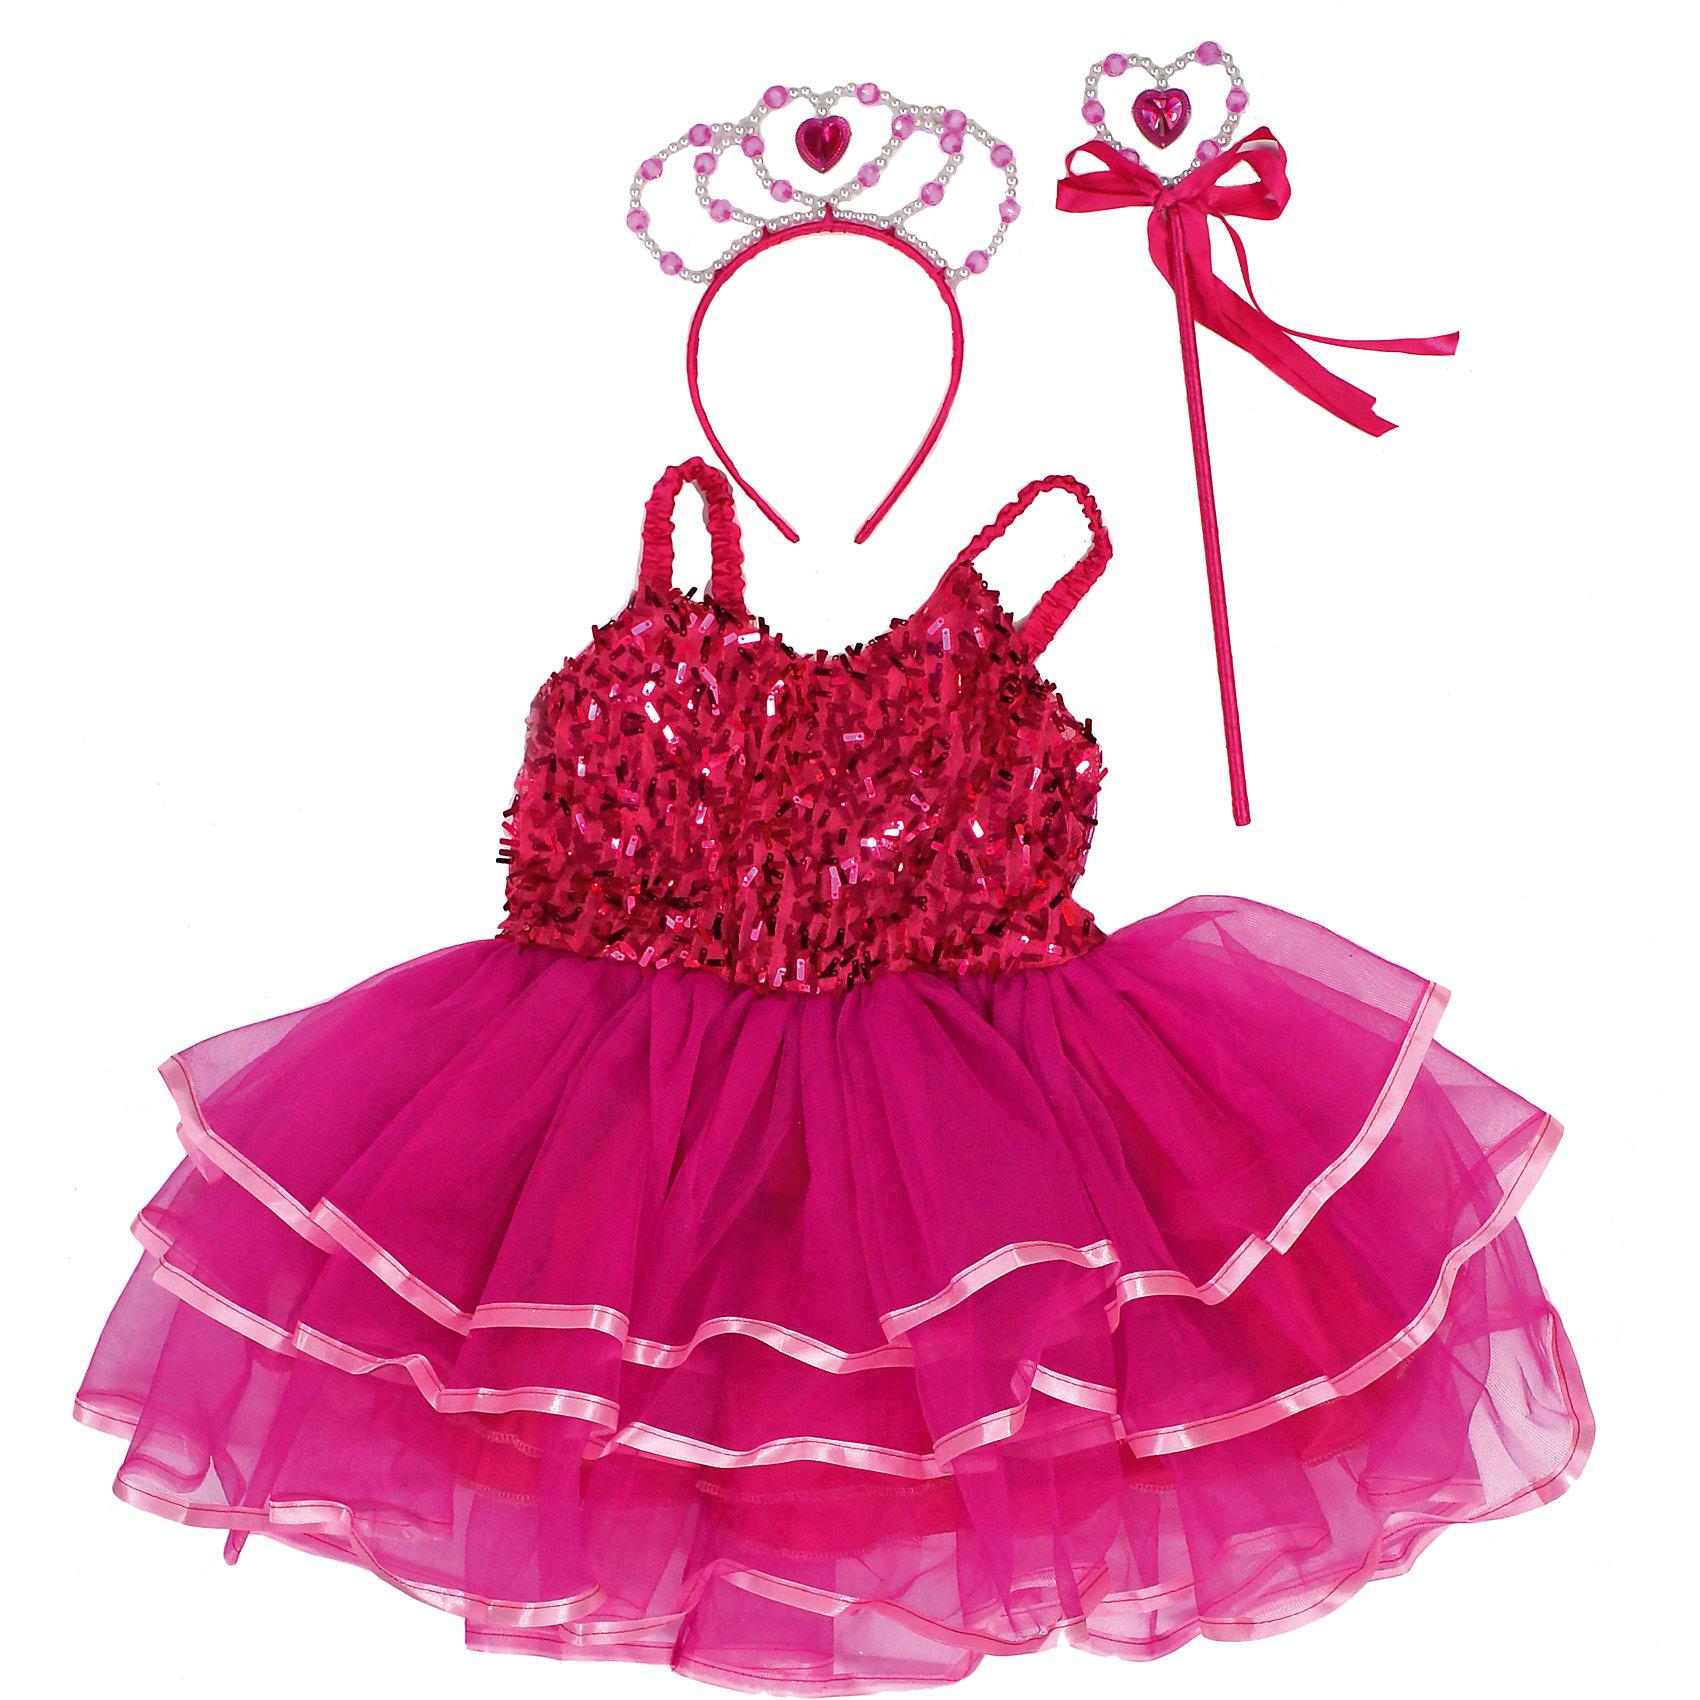 Костюм Дюймовочка, Новогодняя сказкаХарактеристики товара:<br><br>• цвет: розовый<br>• комплектация: платье, ободок, волшебная палочка<br>• материал: текстиль, пластик<br>• для праздников и постановок<br>• упаковка: пакет<br>• длина платья: 50 см<br>• возраст: от 3 лет<br>• страна бренда: Российская Федерация<br>• страна изготовитель: Российская Федерация<br><br>Новогодние праздники - отличная возможность перевоплотиться в кого угодно, надев маскарадный костюм. Этот набор позволит ребенку мгновенно превратиться в Дюймовочку!<br>Он состоит из нескольких предметов, которые подойдут дошкольникам. Изделия удобно сидят и позволяют ребенку наслаждаться праздником или принимать участие в постановке. Модель хорошо проработана, сшита из качественных и проверенных материалов, которые безопасны для детей.<br><br>Костюм Дюймовочка от бренда Новогодняя сказка можно купить в нашем интернет-магазине.<br><br>Ширина мм: 380<br>Глубина мм: 600<br>Высота мм: 20<br>Вес г: 220<br>Возраст от месяцев: 36<br>Возраст до месяцев: 96<br>Пол: Женский<br>Возраст: Детский<br>SKU: 5177222